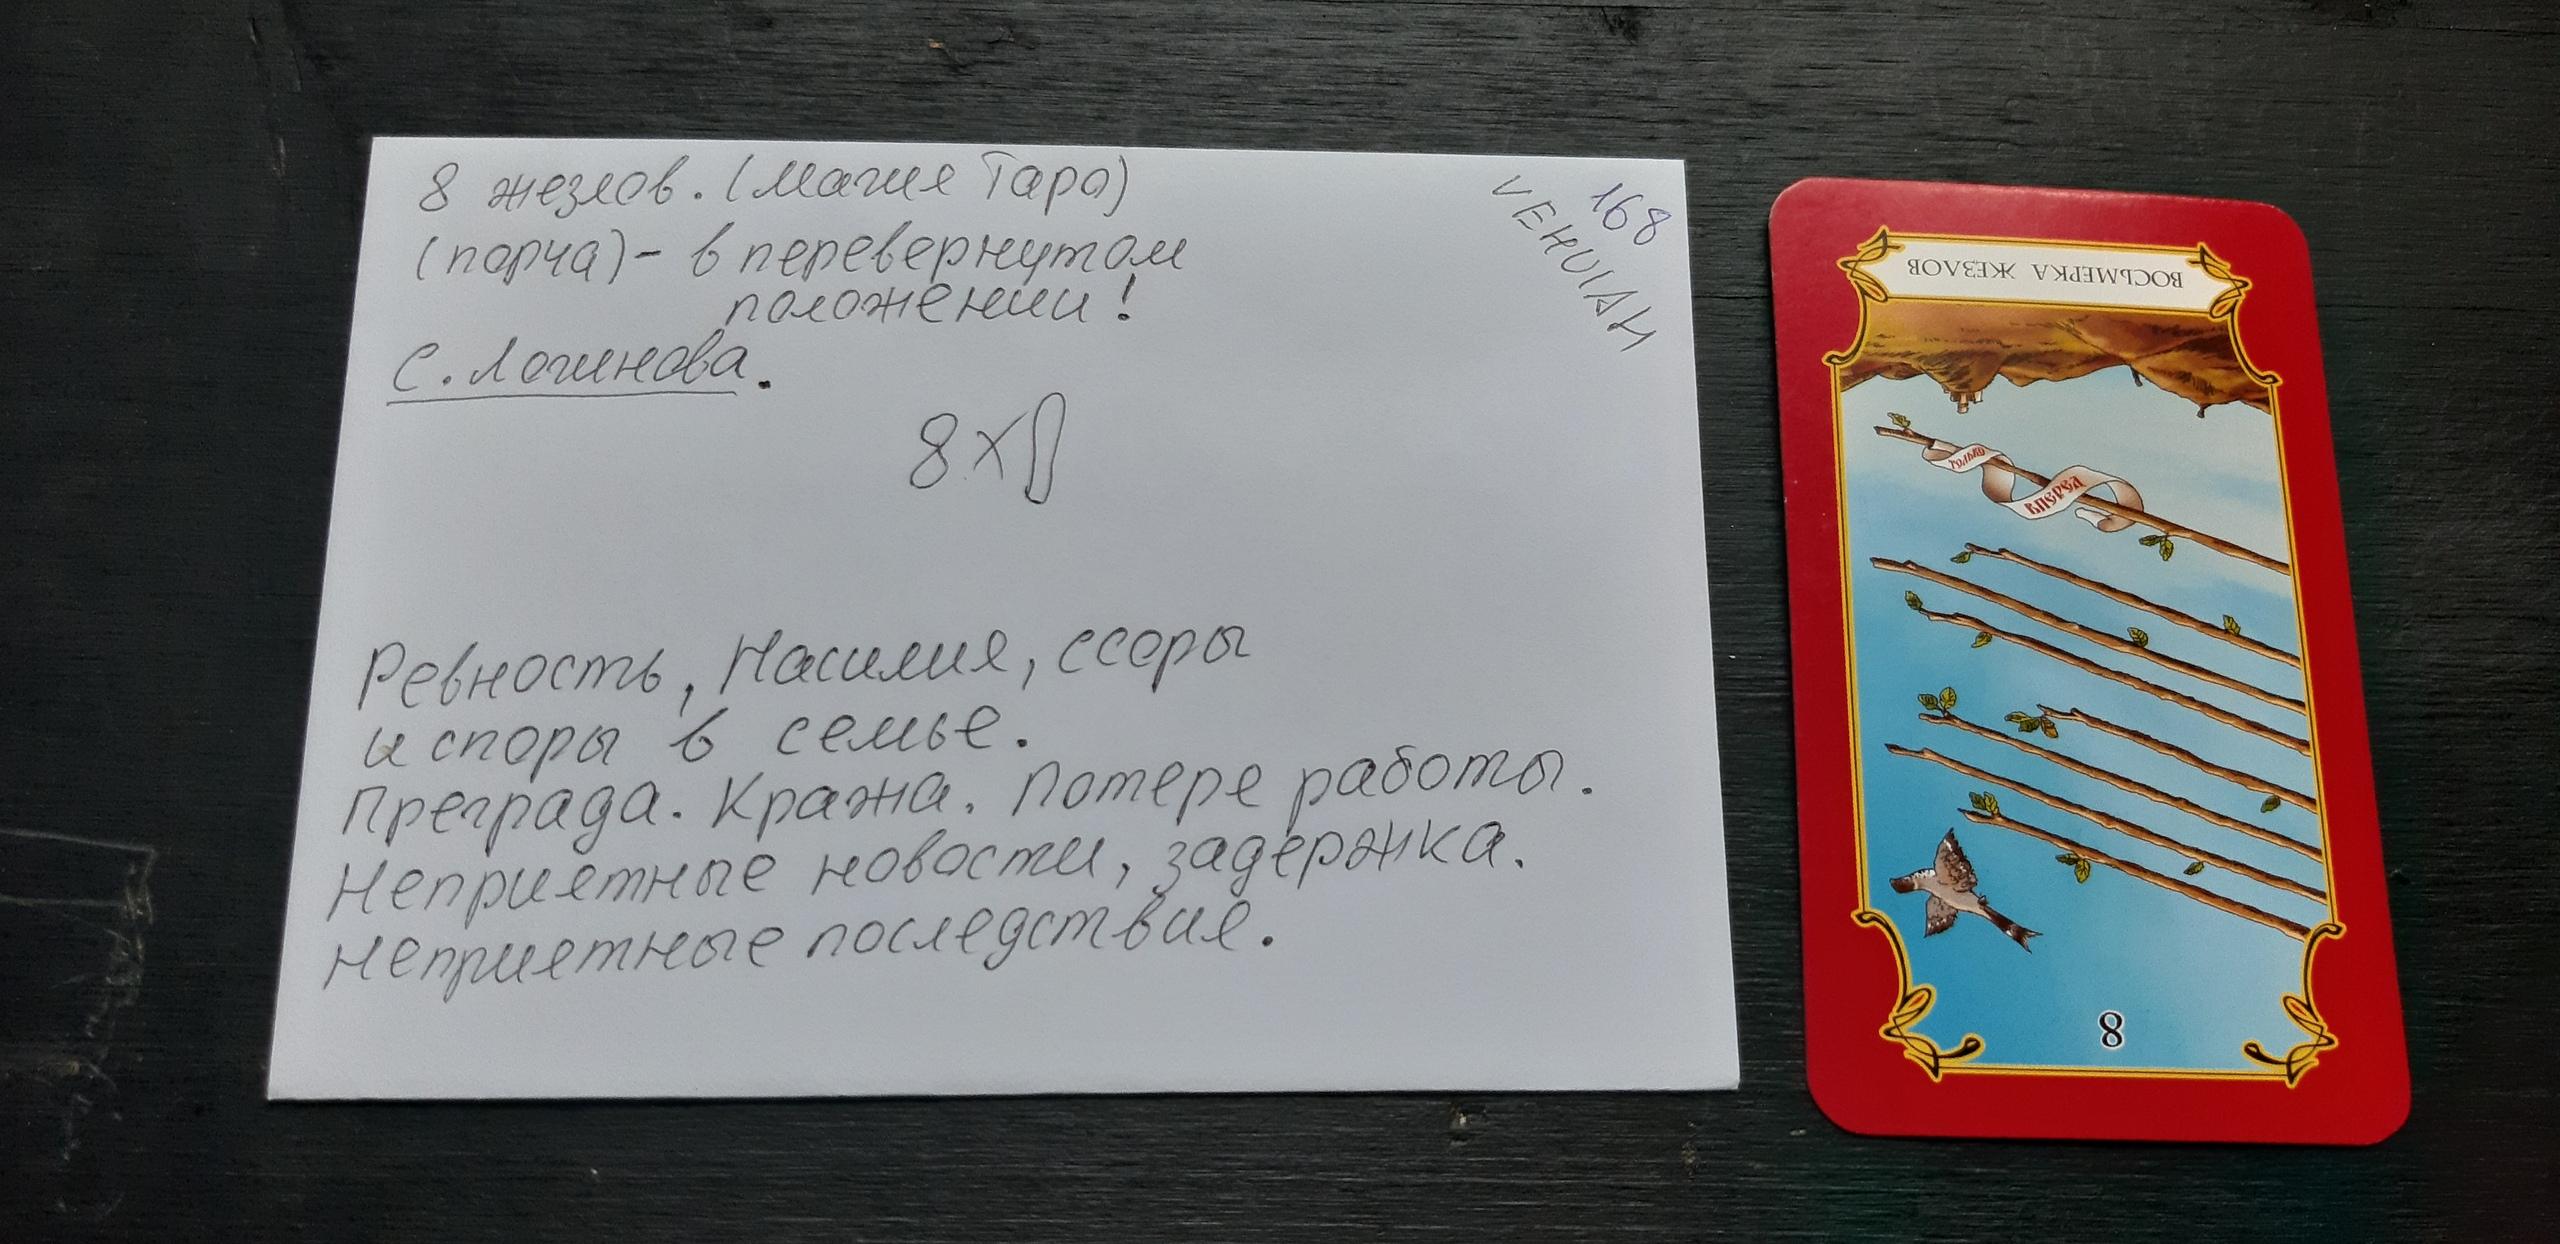 Конверты с магическими программами от Елены Руденко. Ставы, символы, руническая магия.  - Страница 4 SlXpWtnL360